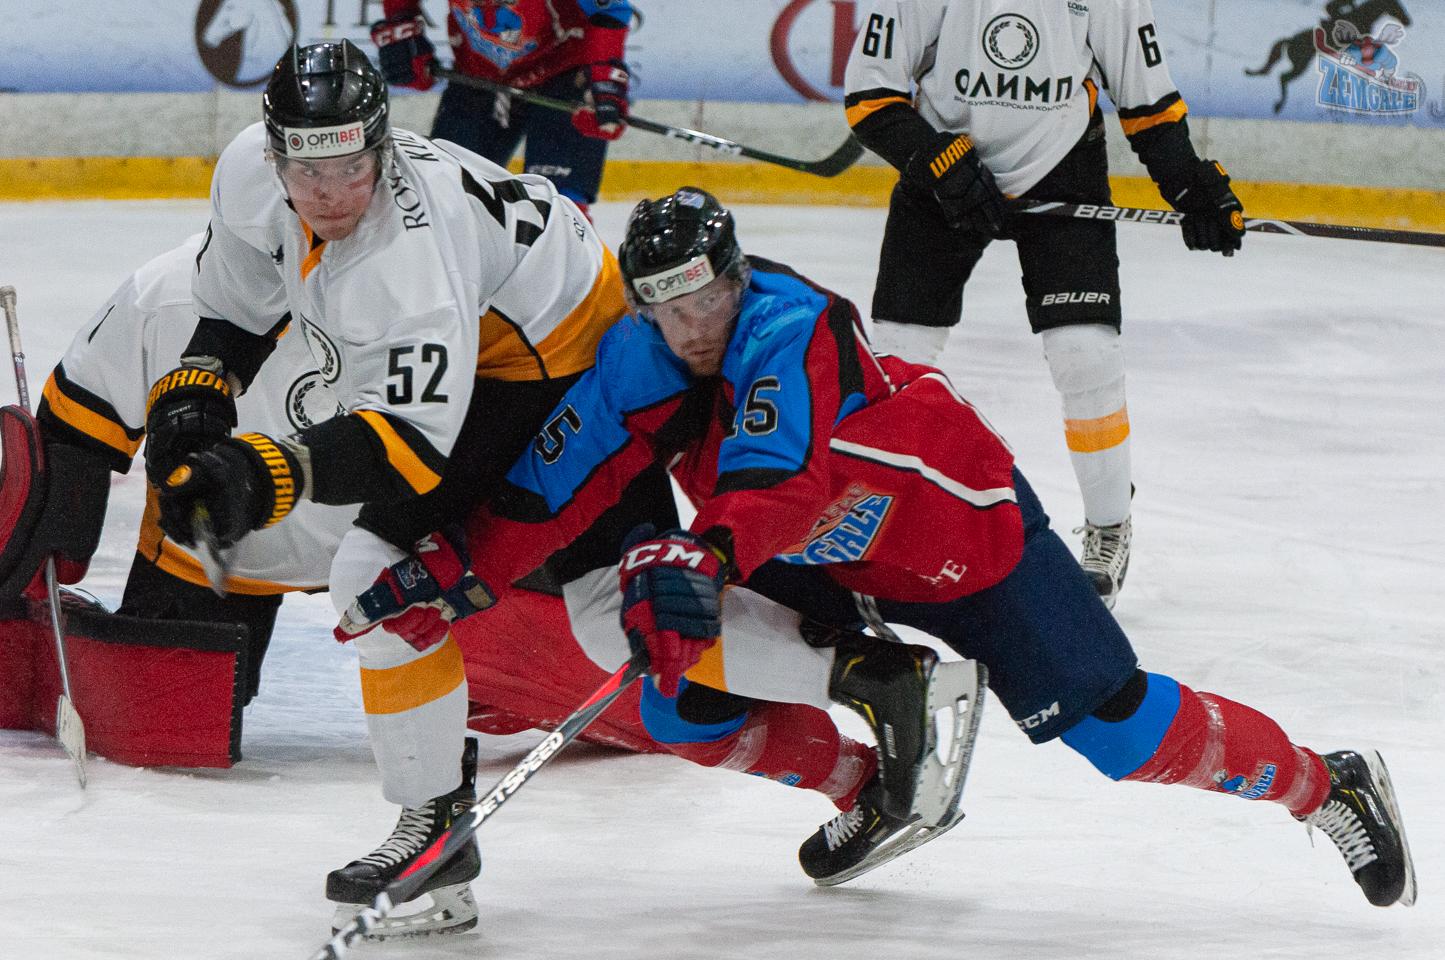 Hokeja uzbrucējs krīt virsū uz pretinieka aizsargu